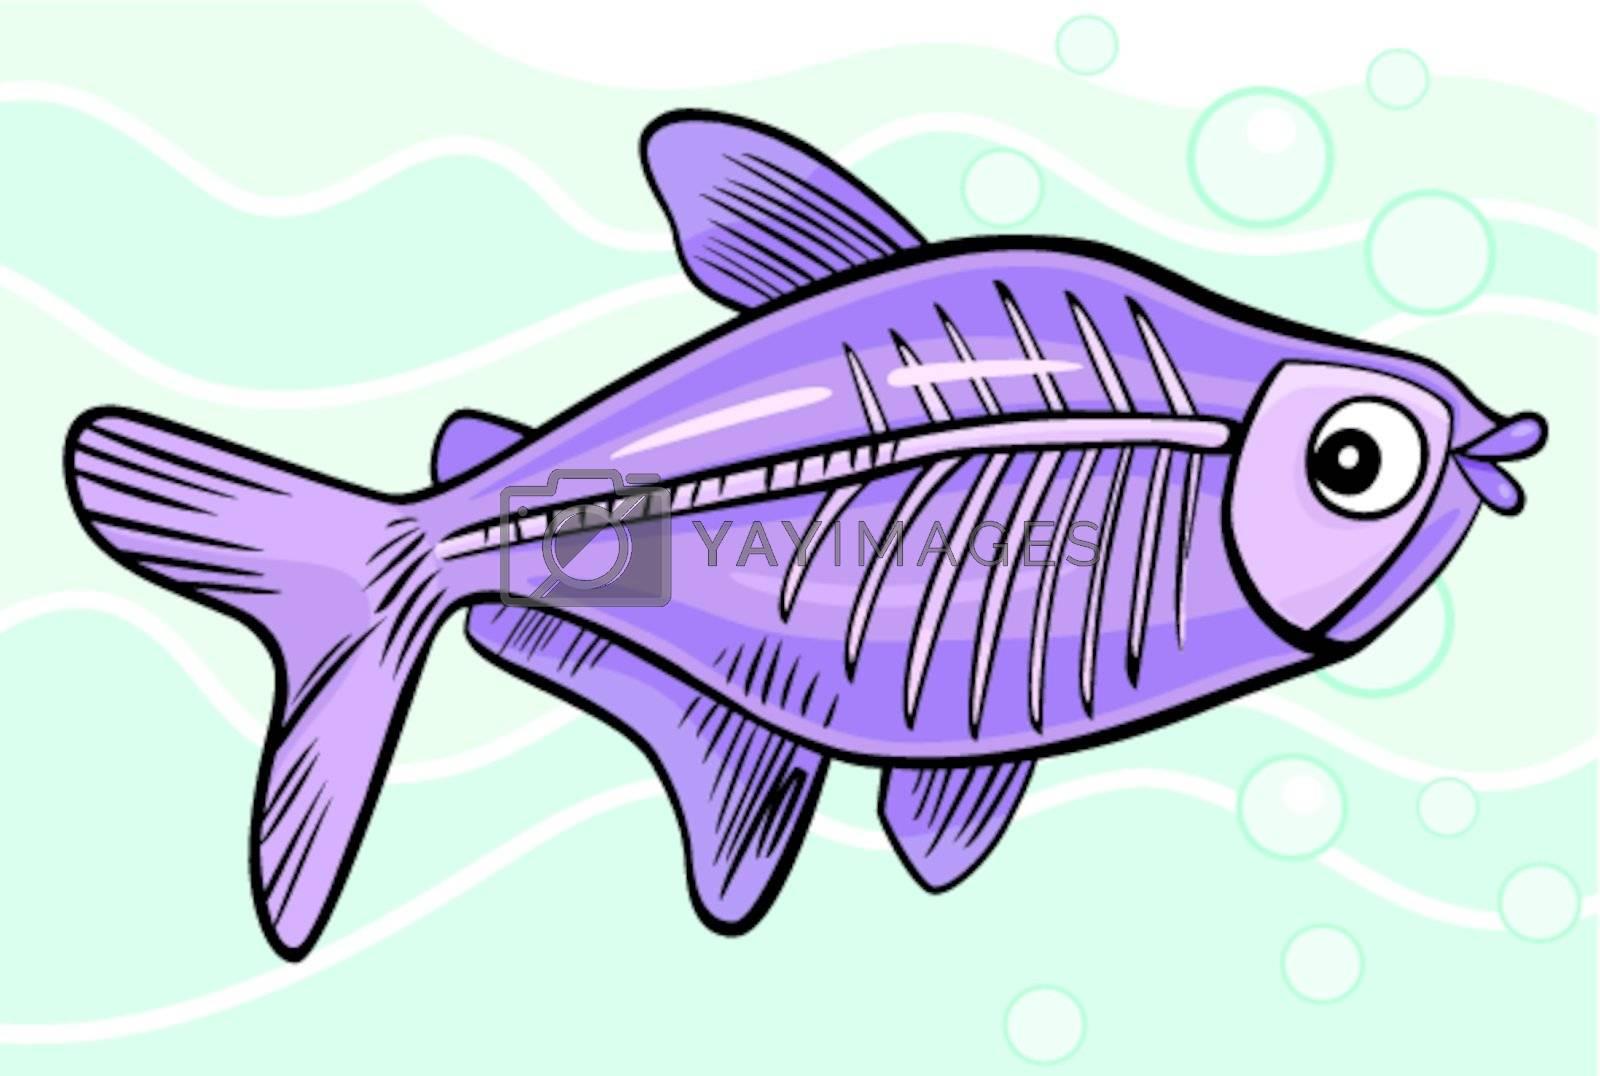 Cartoon X Ray Fish Royalty Free Stock Image